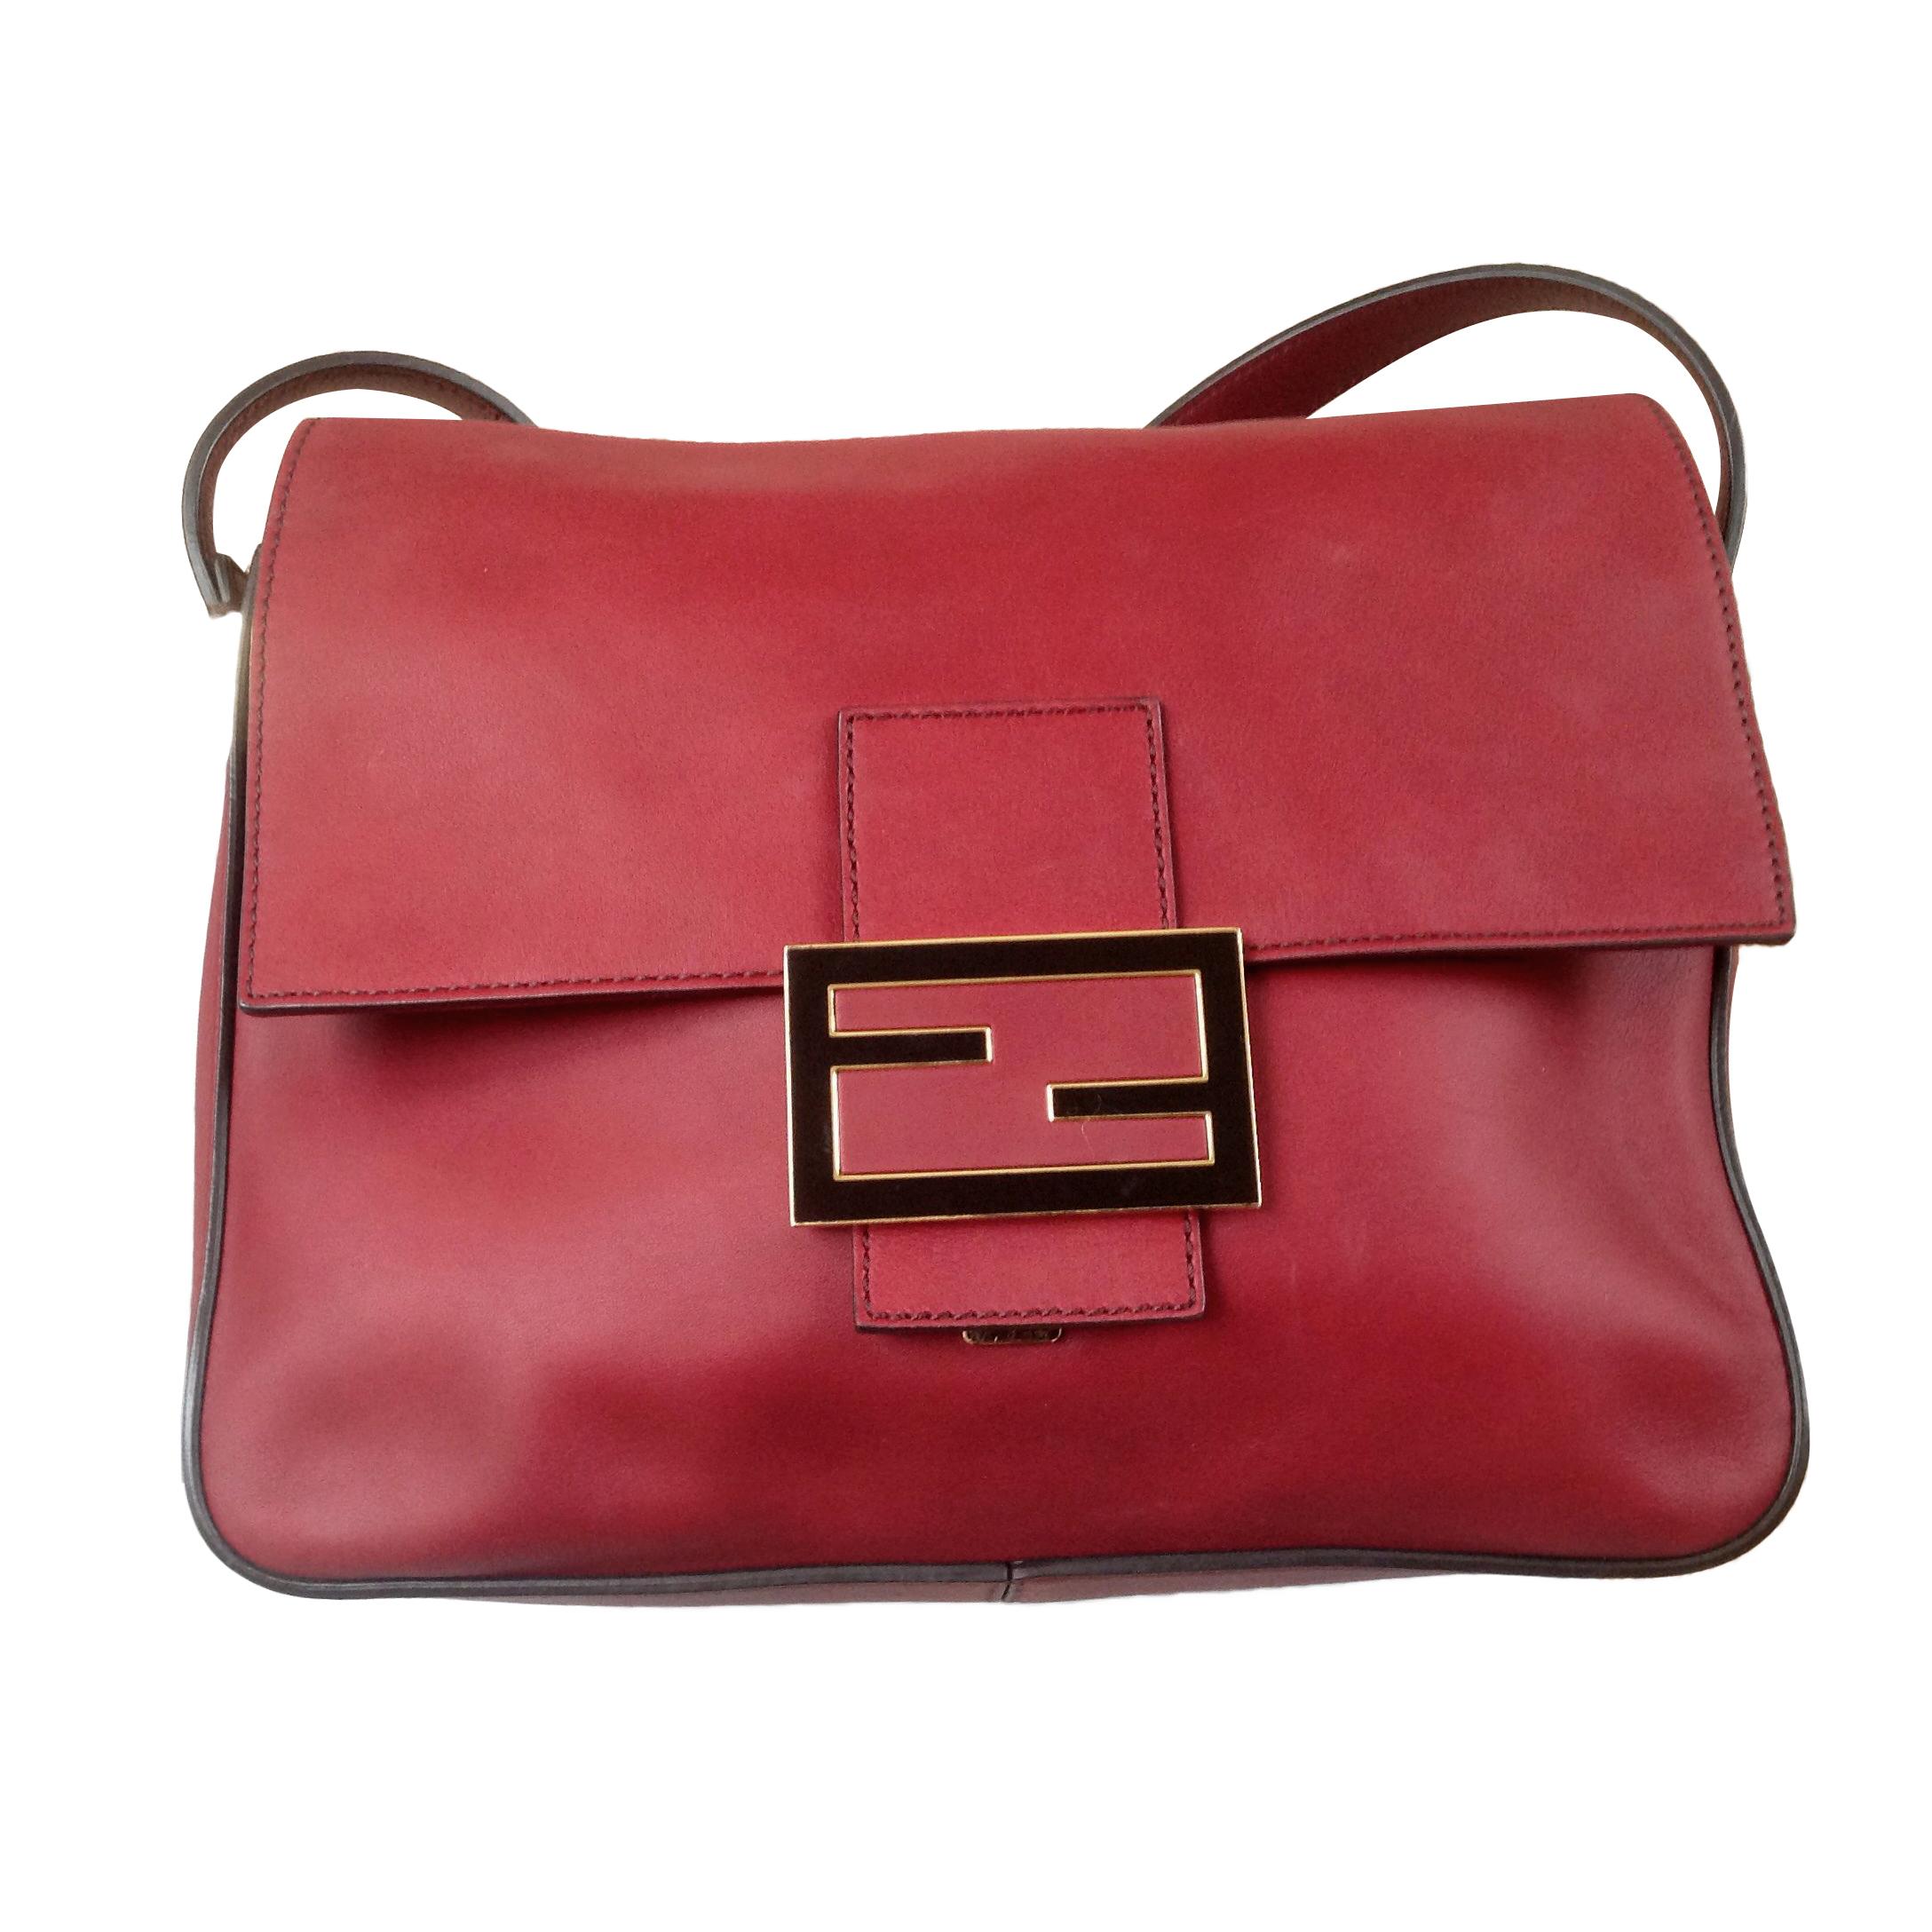 7dad6fc9a47 Fendi Red Leather Shoulder Bag | HEWI London